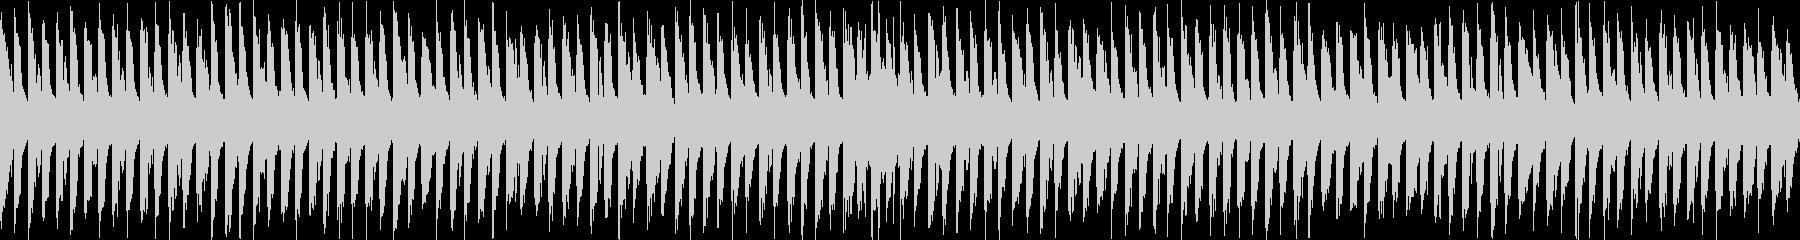 メロディアスなチップチューンの未再生の波形